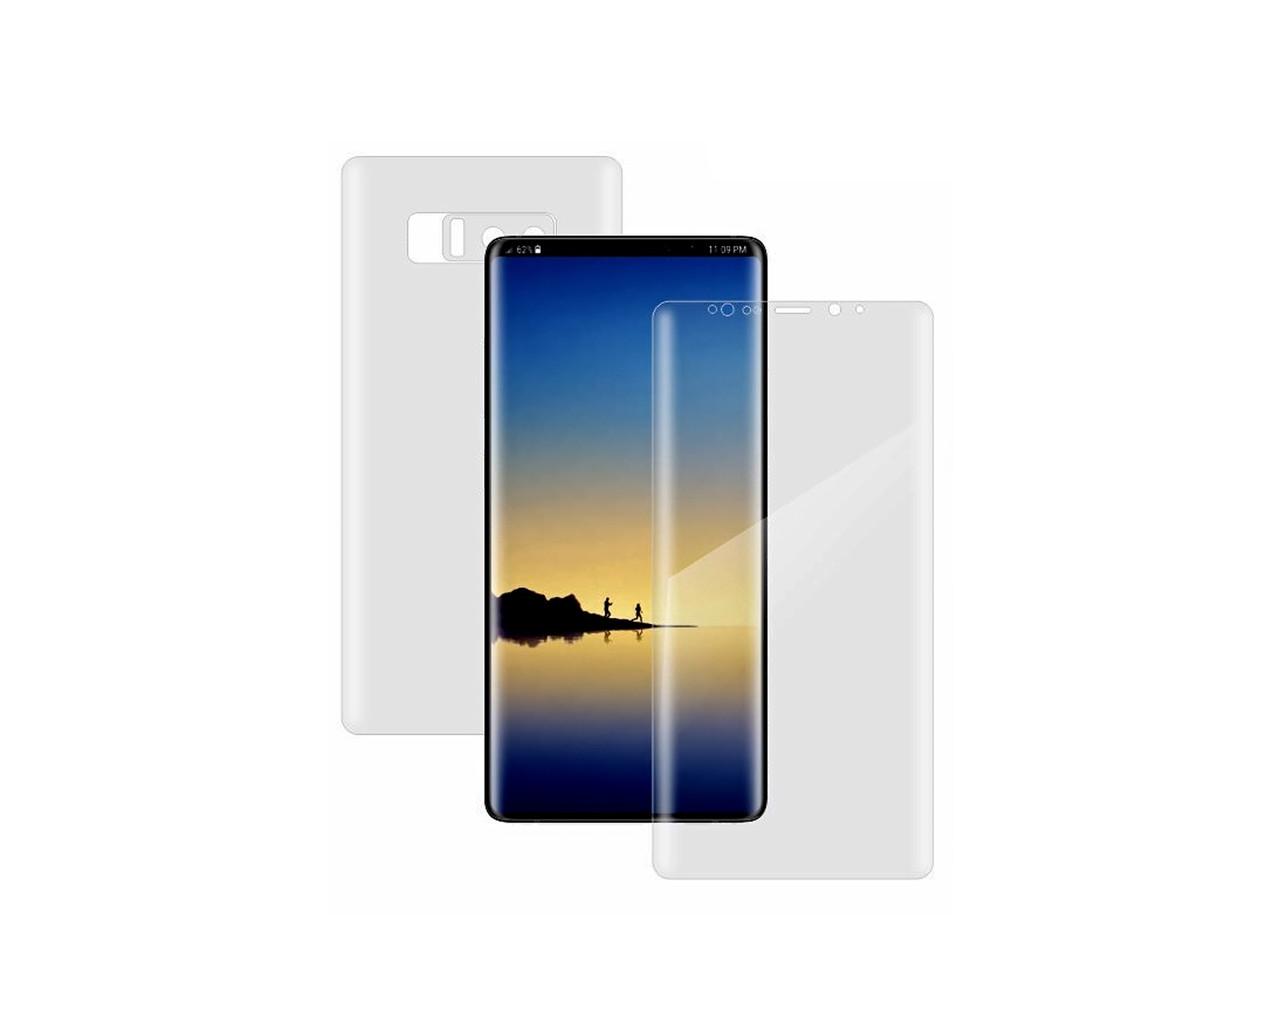 Защитная пленка Nano 2 стороны - лицевая и обратная ITOP 360 для Samsung Galaxy Note 8 Full Cover